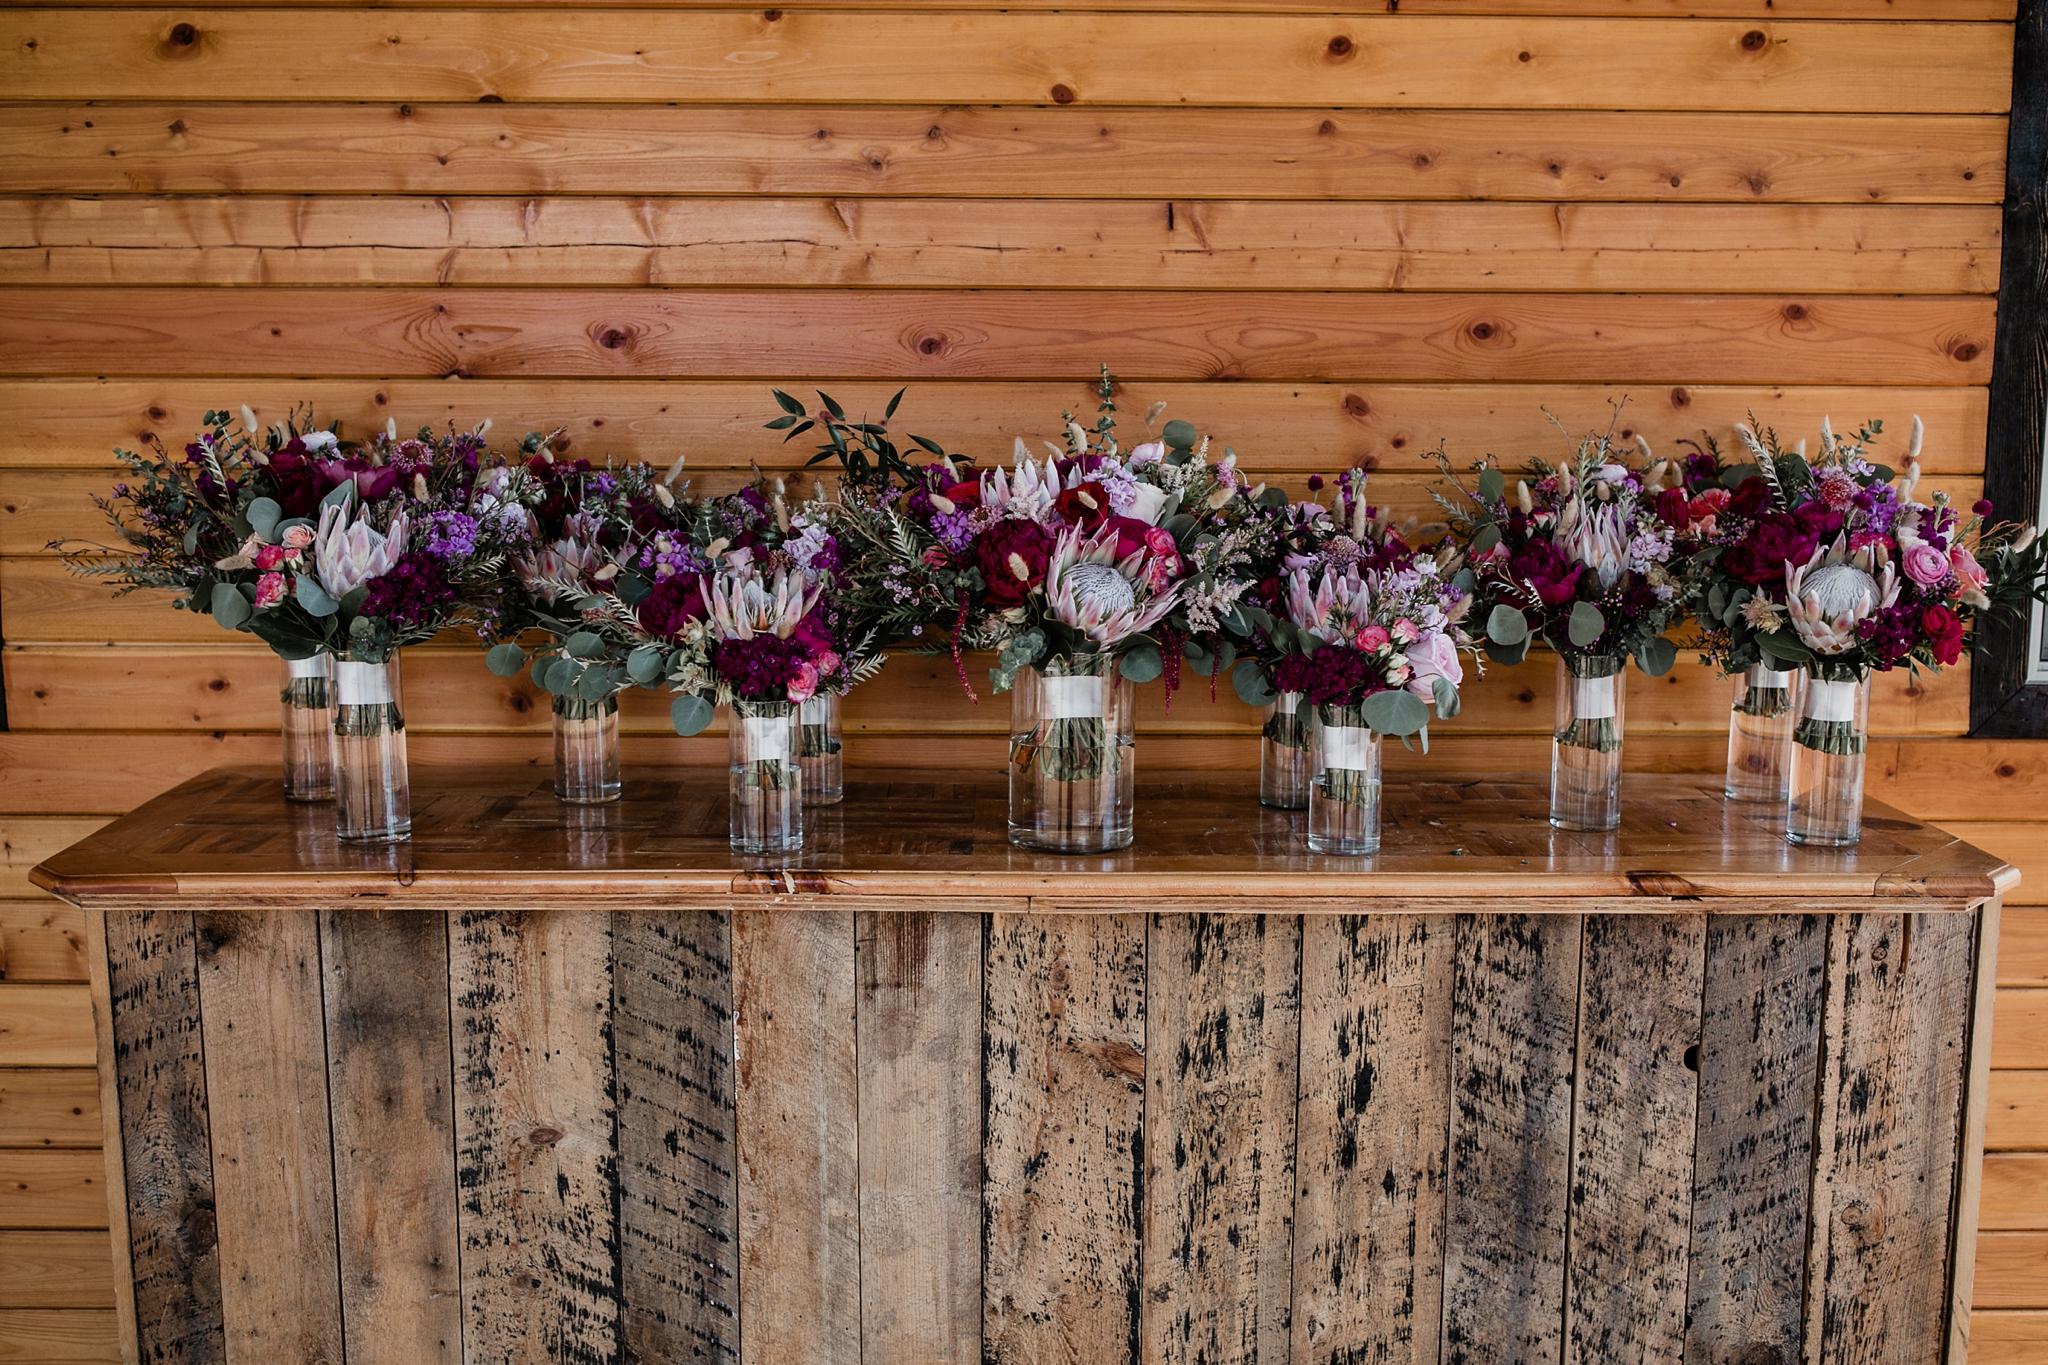 Alicia+lucia+photography+-+albuquerque+wedding+photographer+-+santa+fe+wedding+photography+-+new+mexico+wedding+photographer+-+new+mexico+wedding+-+new+mexico+wedding+-+barn+wedding+-+enchanted+vine+barn+wedding+-+ruidoso+wedding_0010.jpg